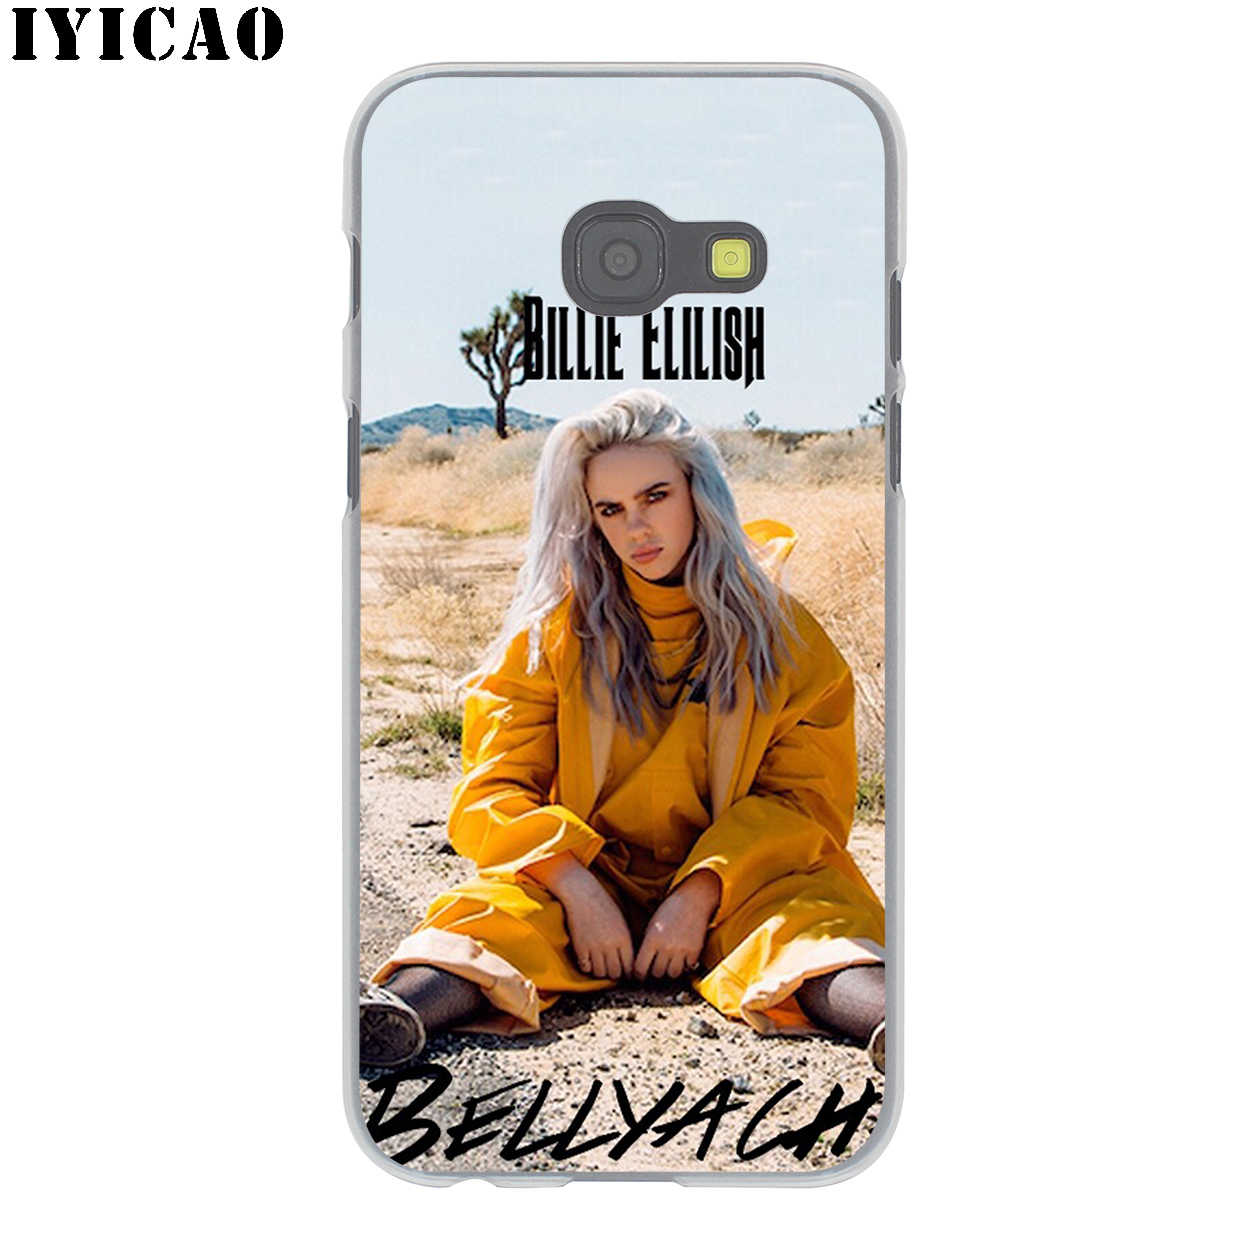 Billie Eilish 13 Fille Noir pour Samsung Galaxy A3 A5 A6 A7 A8 Plus A9 A10 A30 A40 A50 A70 M10 M20 M30 A10S A20S A30S A40S A50S